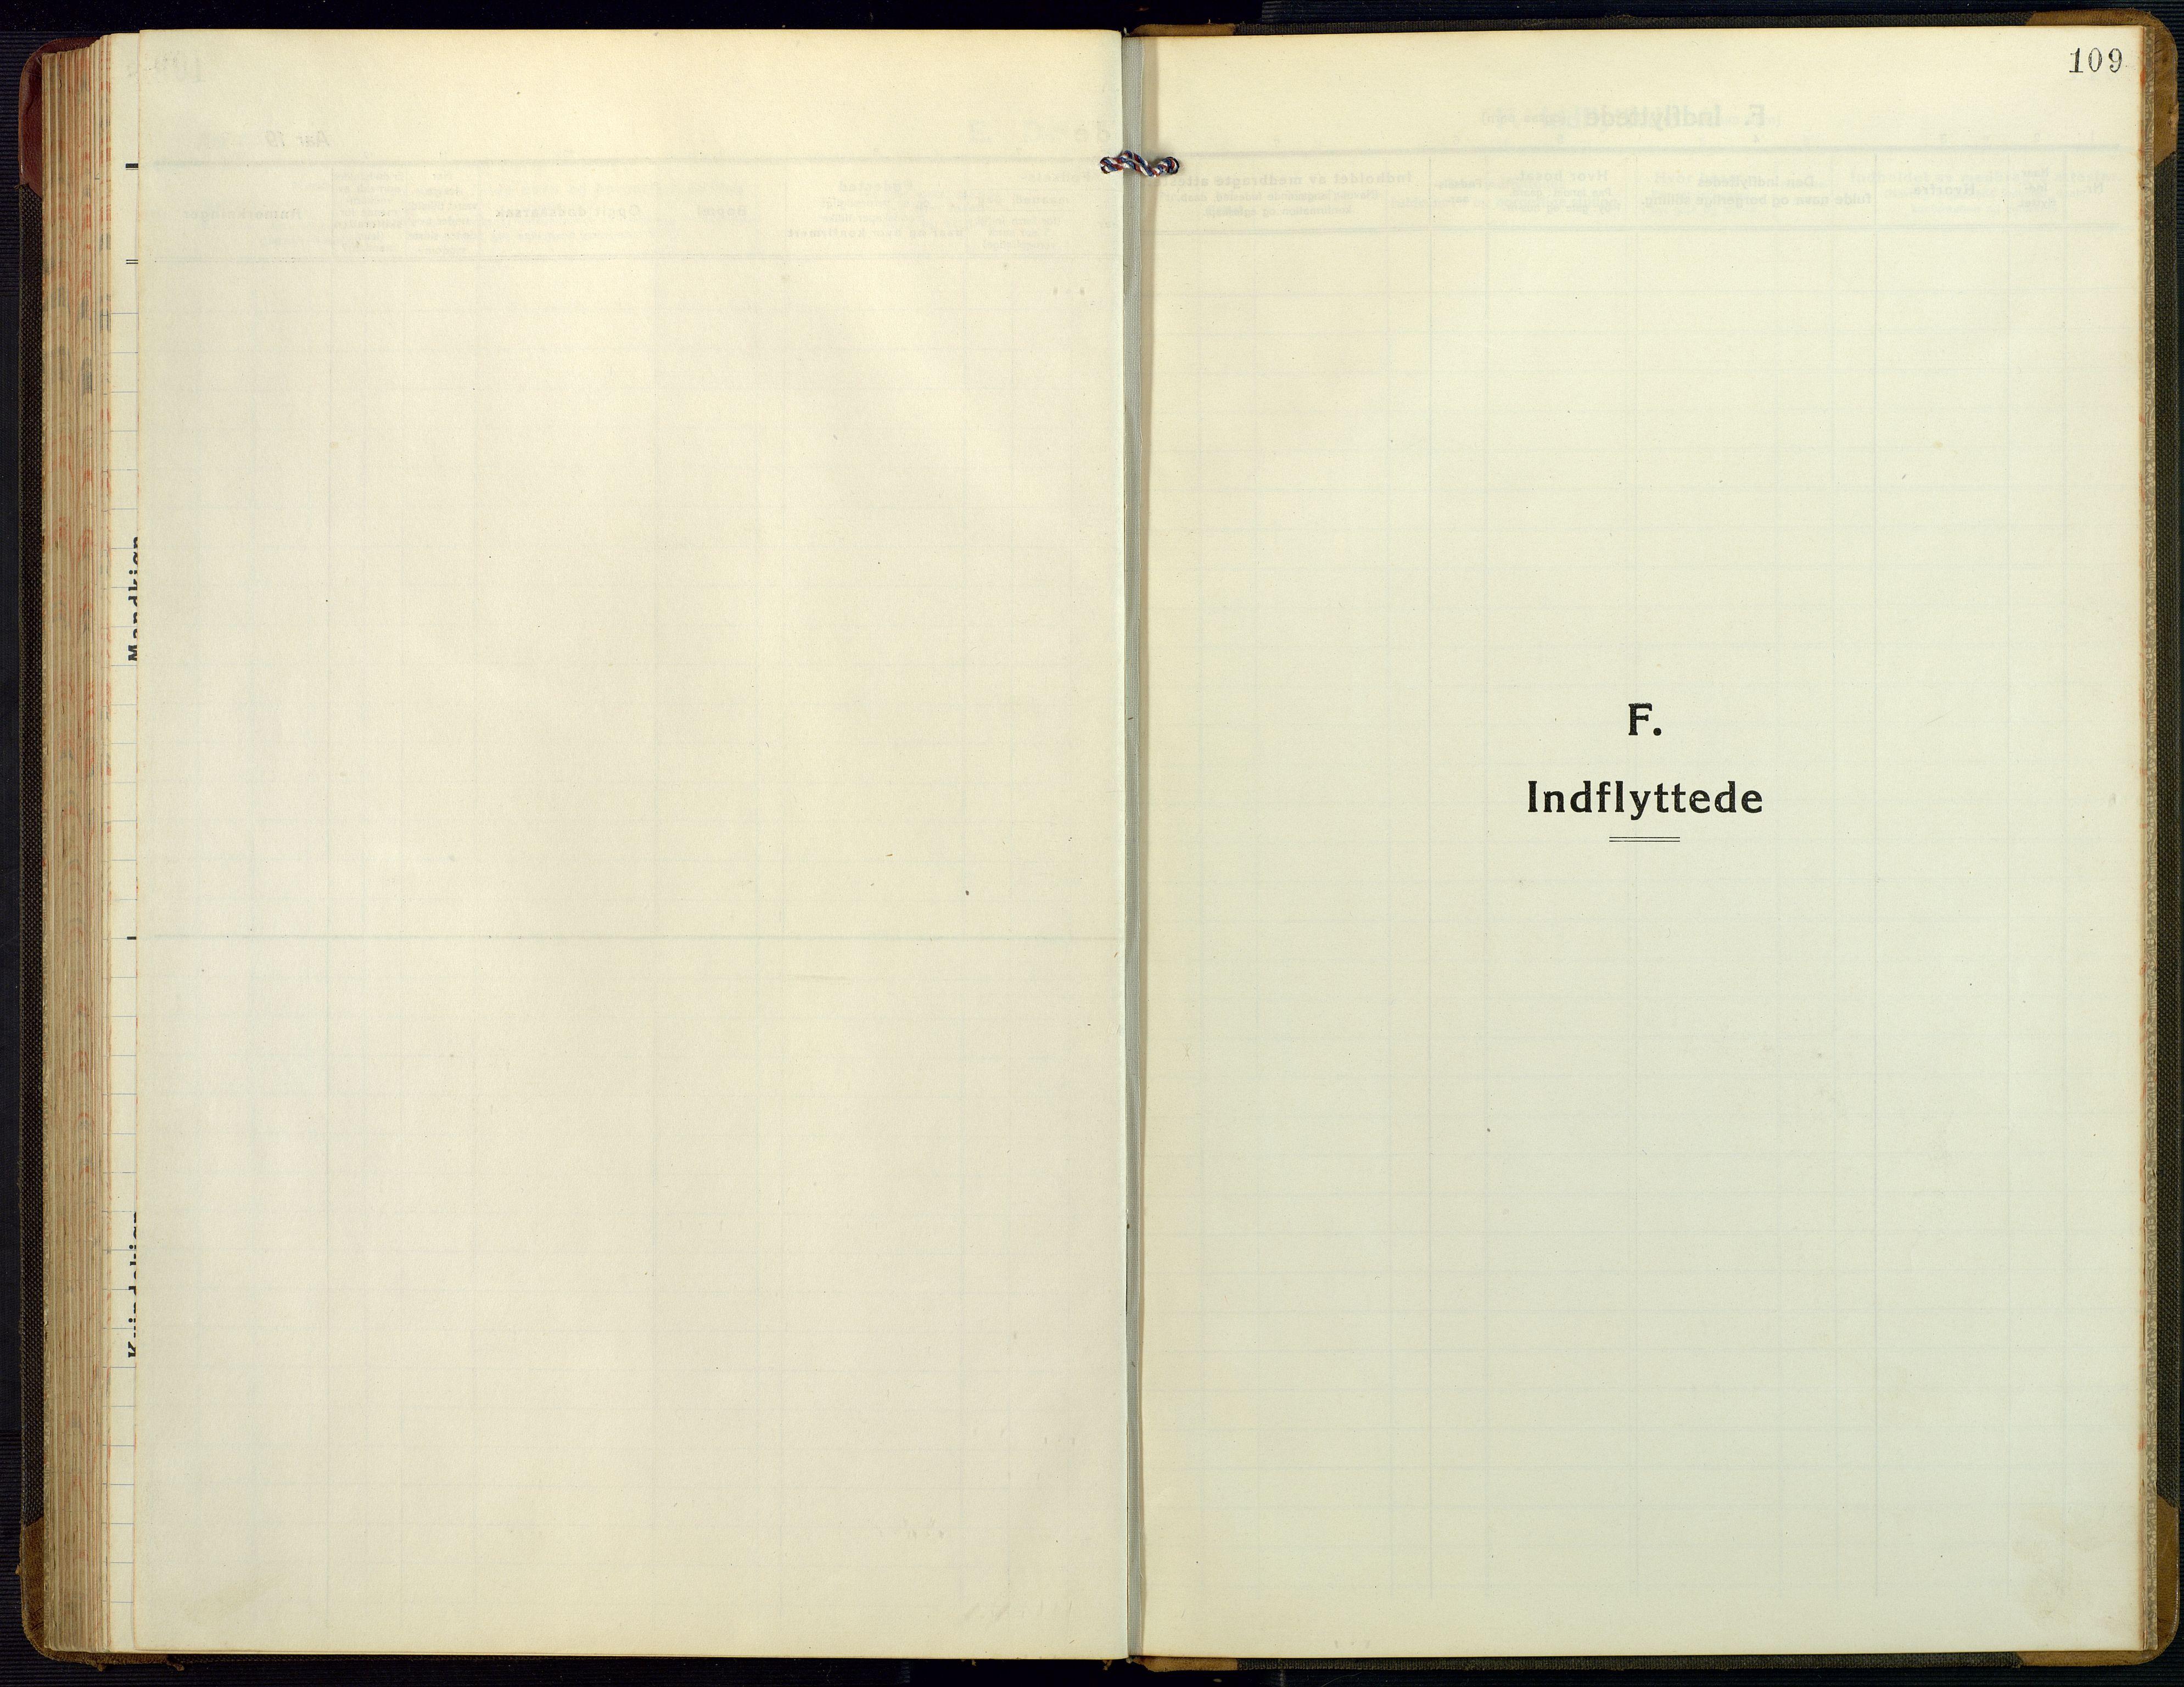 SAK, Bygland sokneprestkontor, F/Fb/Fbb/L0005: Klokkerbok nr. B 5, 1920-1955, s. 109